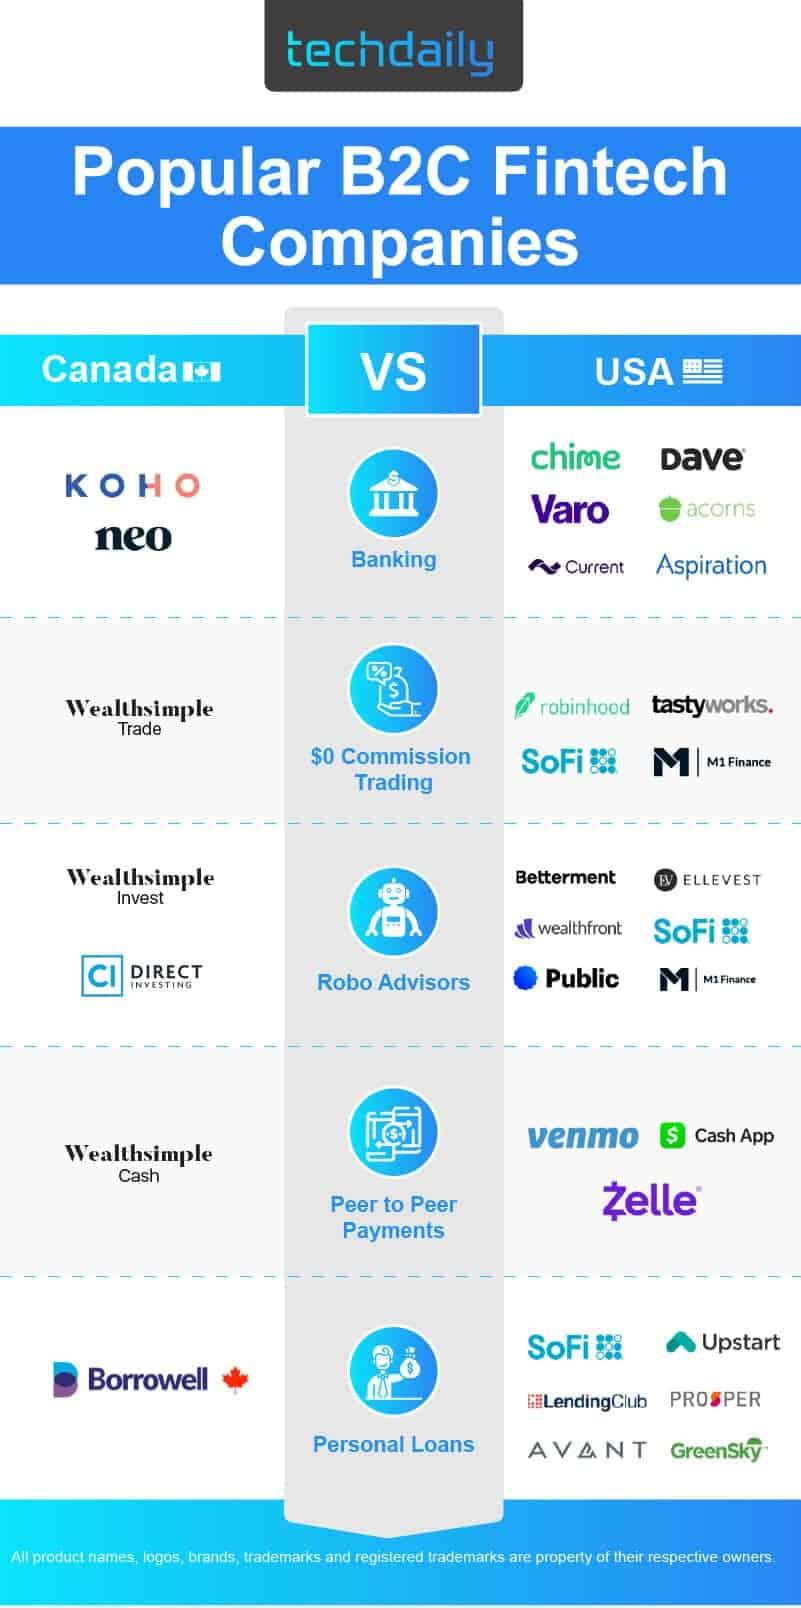 Popular B2C Fintech Companies